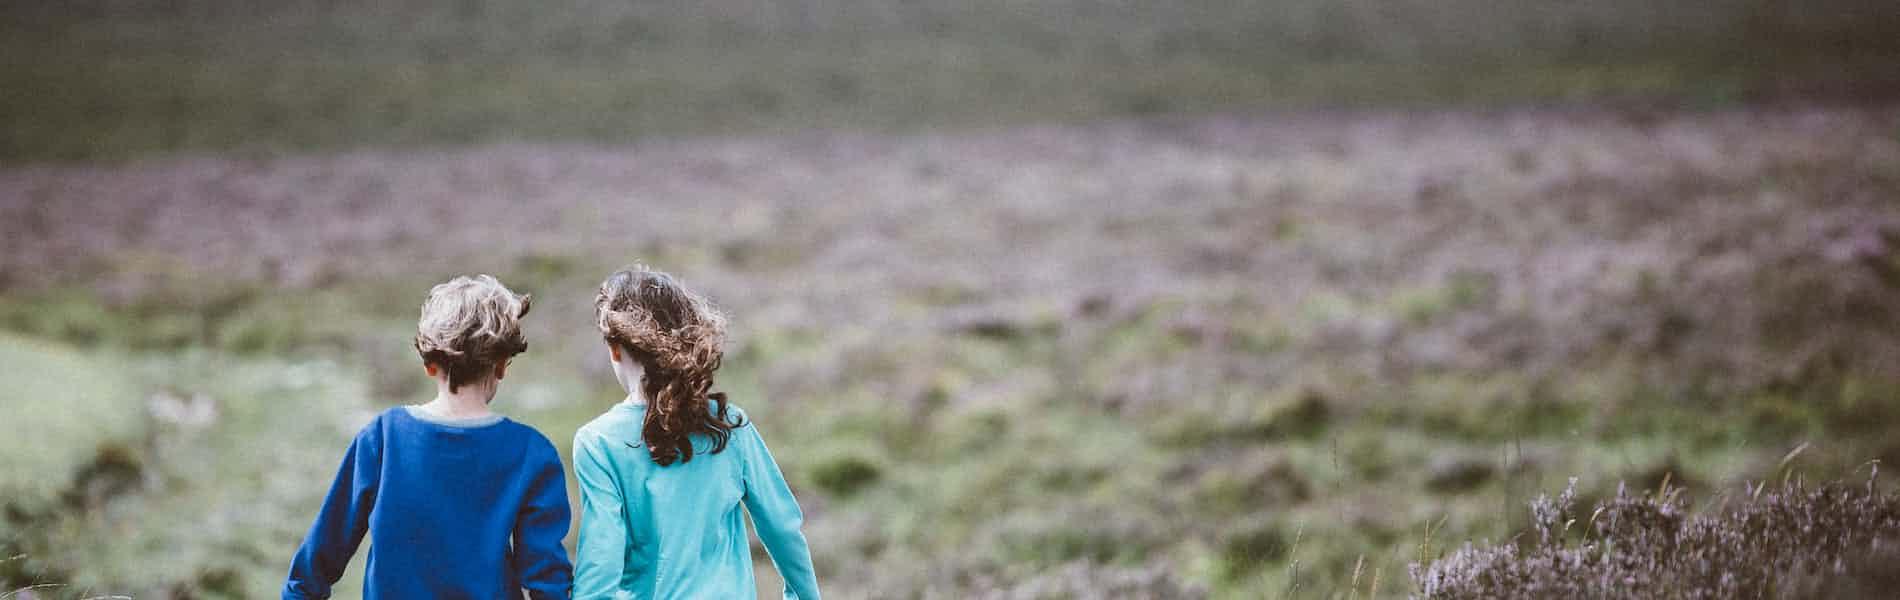 סקירת פרק מתוך ספרן של דיוויס ופראולי: Treating the Adult Survivor of Childhood Sexual Abuse פרק 5: חשיפת הסוד ושחזור זיכרונות